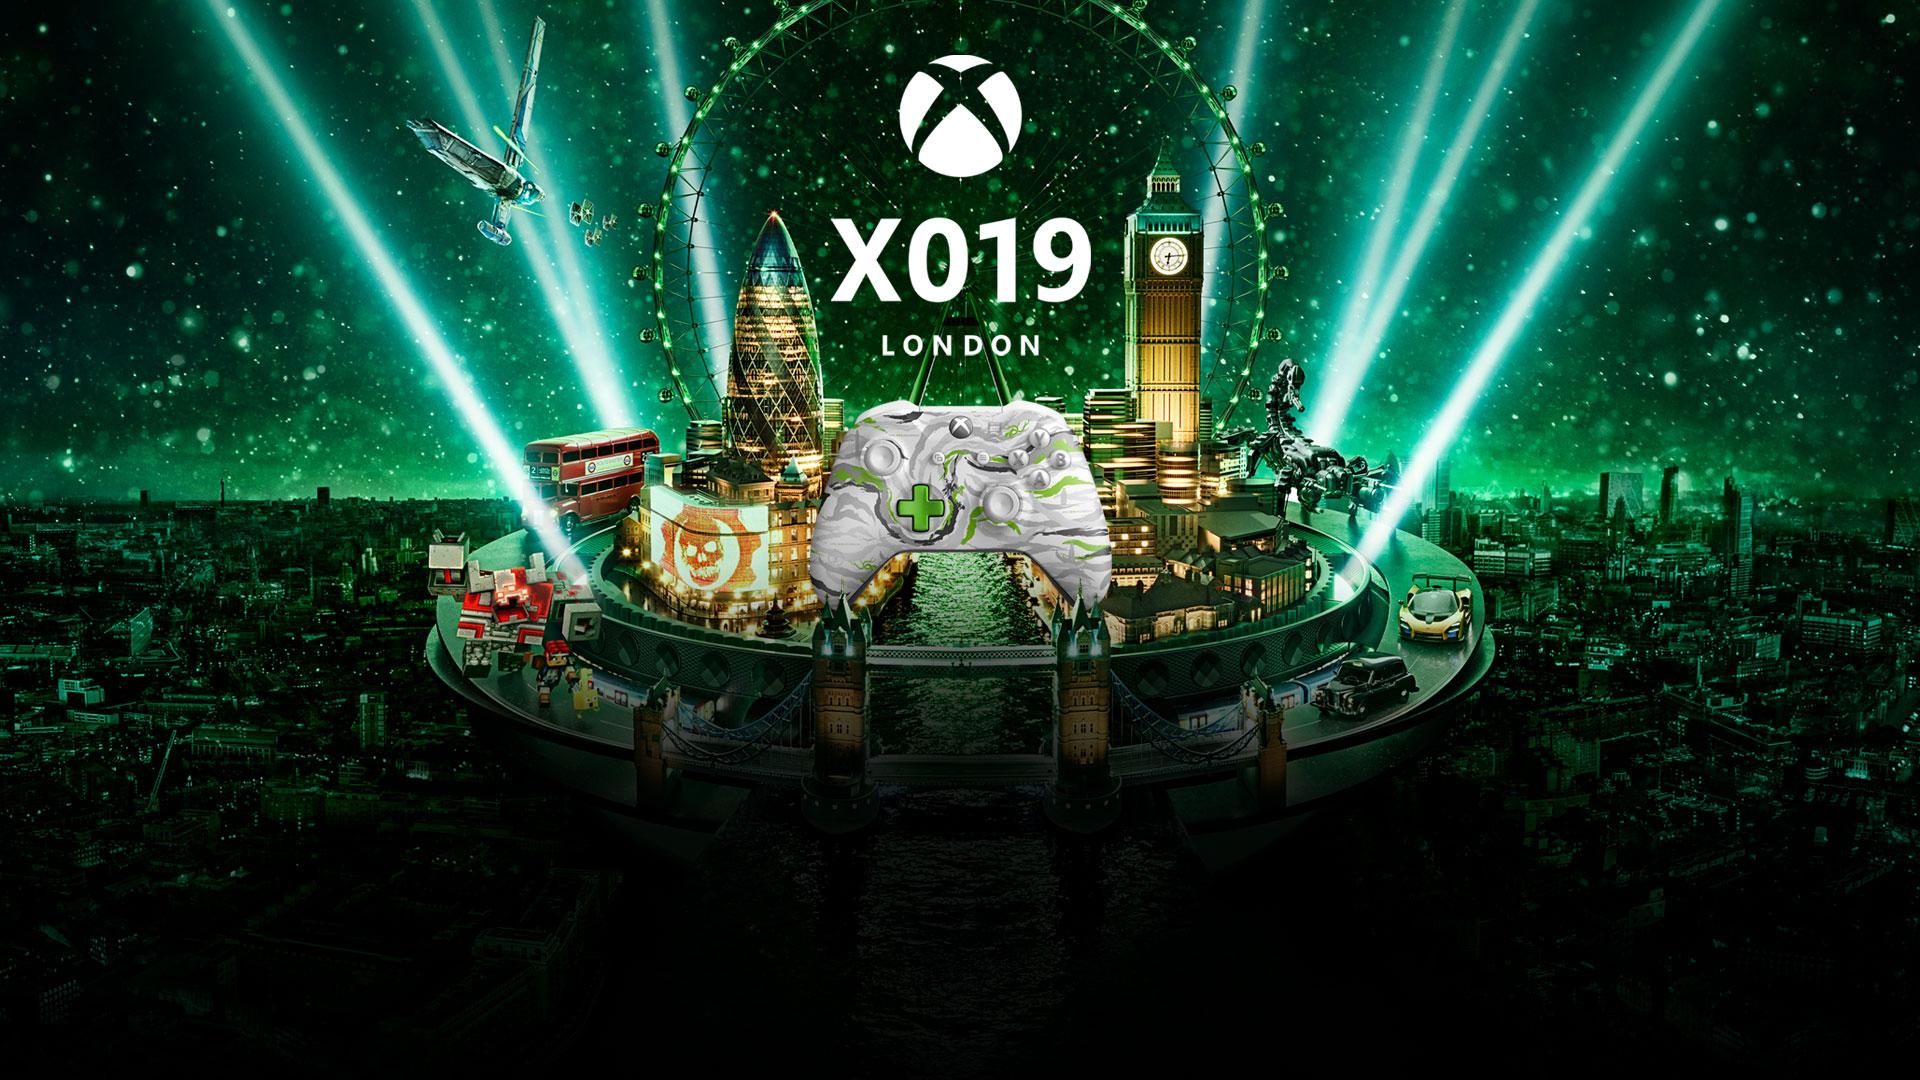 Gather 'round, it's time to watch Xbox's big X019 stream  screenshot